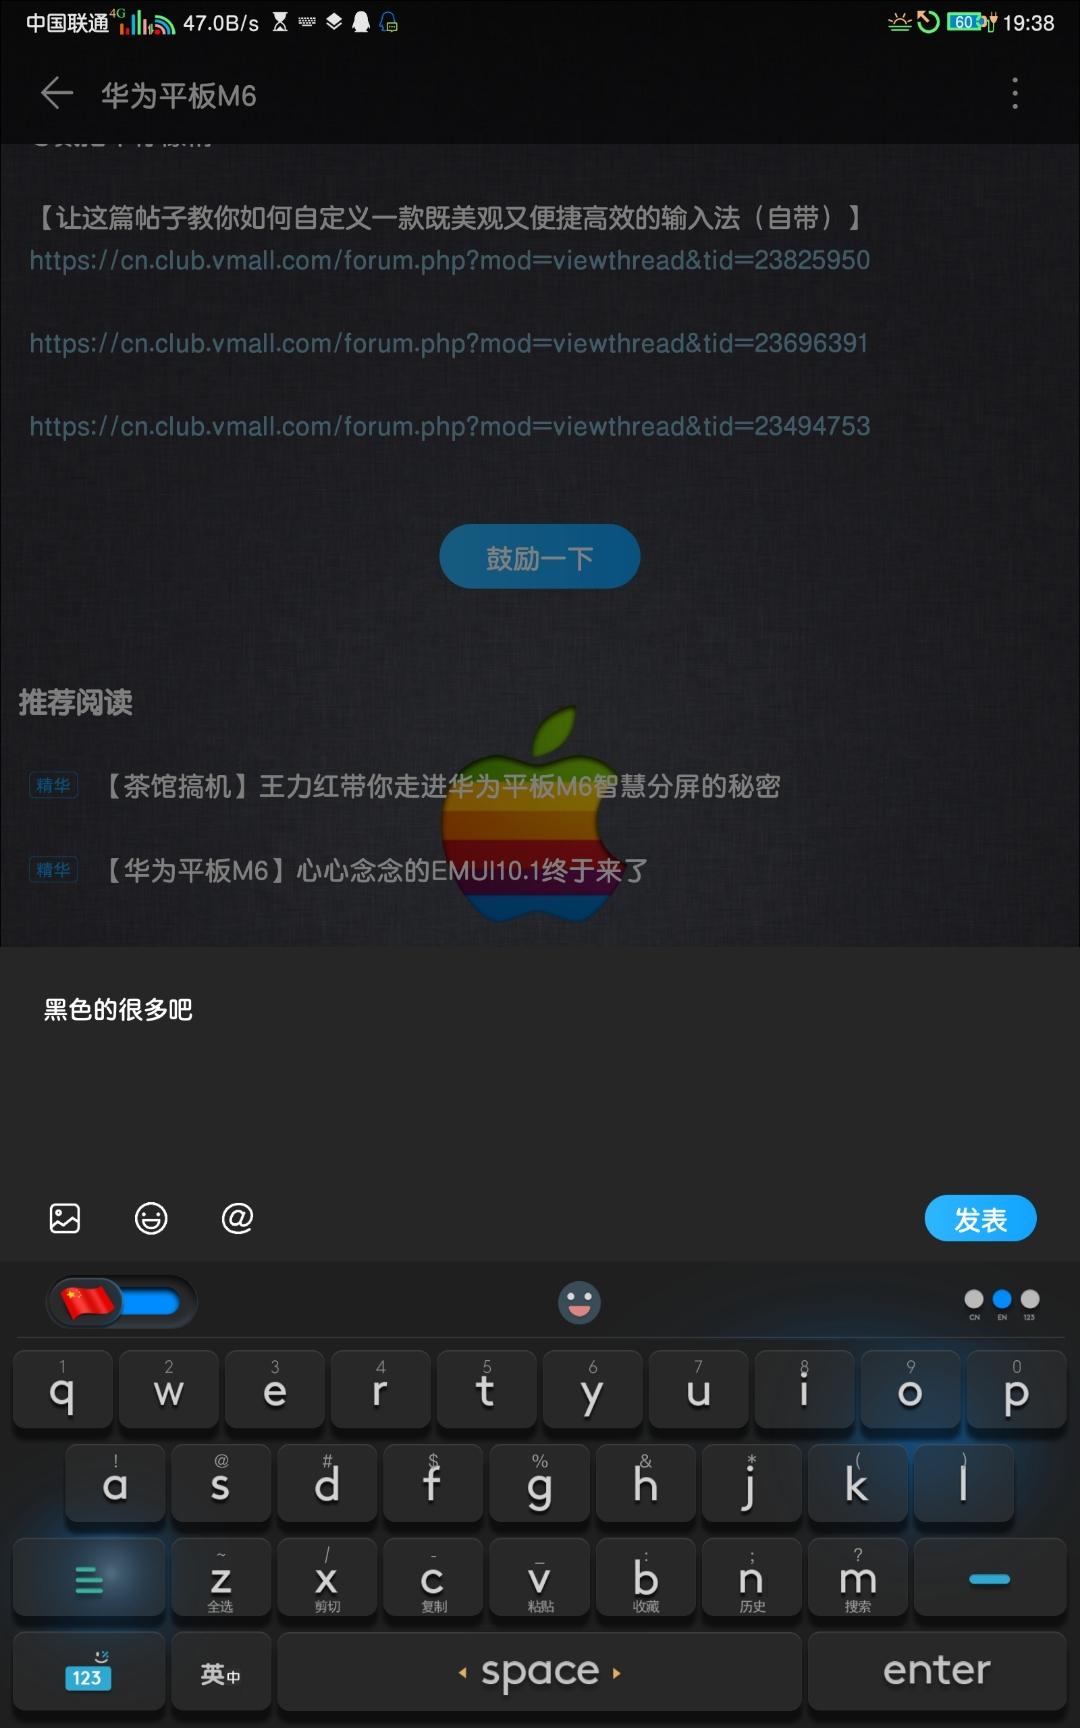 Screenshot_20200519_193839_com.huawei.fans.jpg